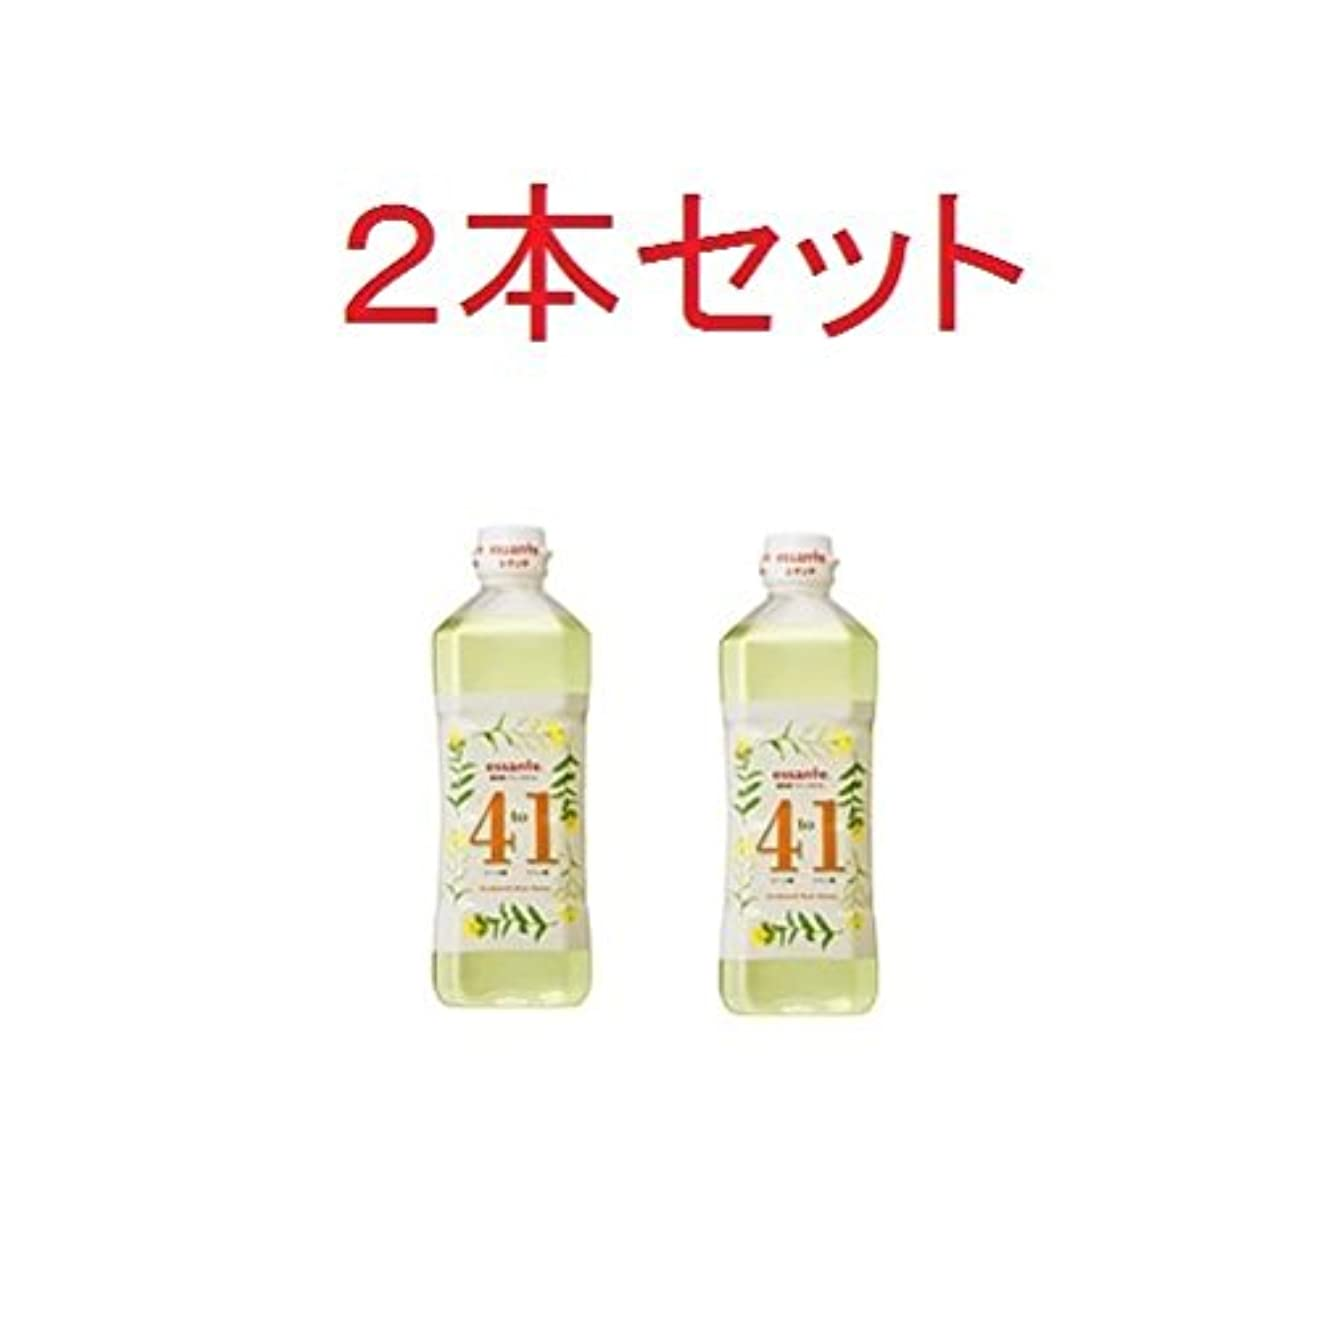 円形の研磨剤急速な2本セット アムウェイ エサンテ 4 to 1 脂肪酸バランスオイル